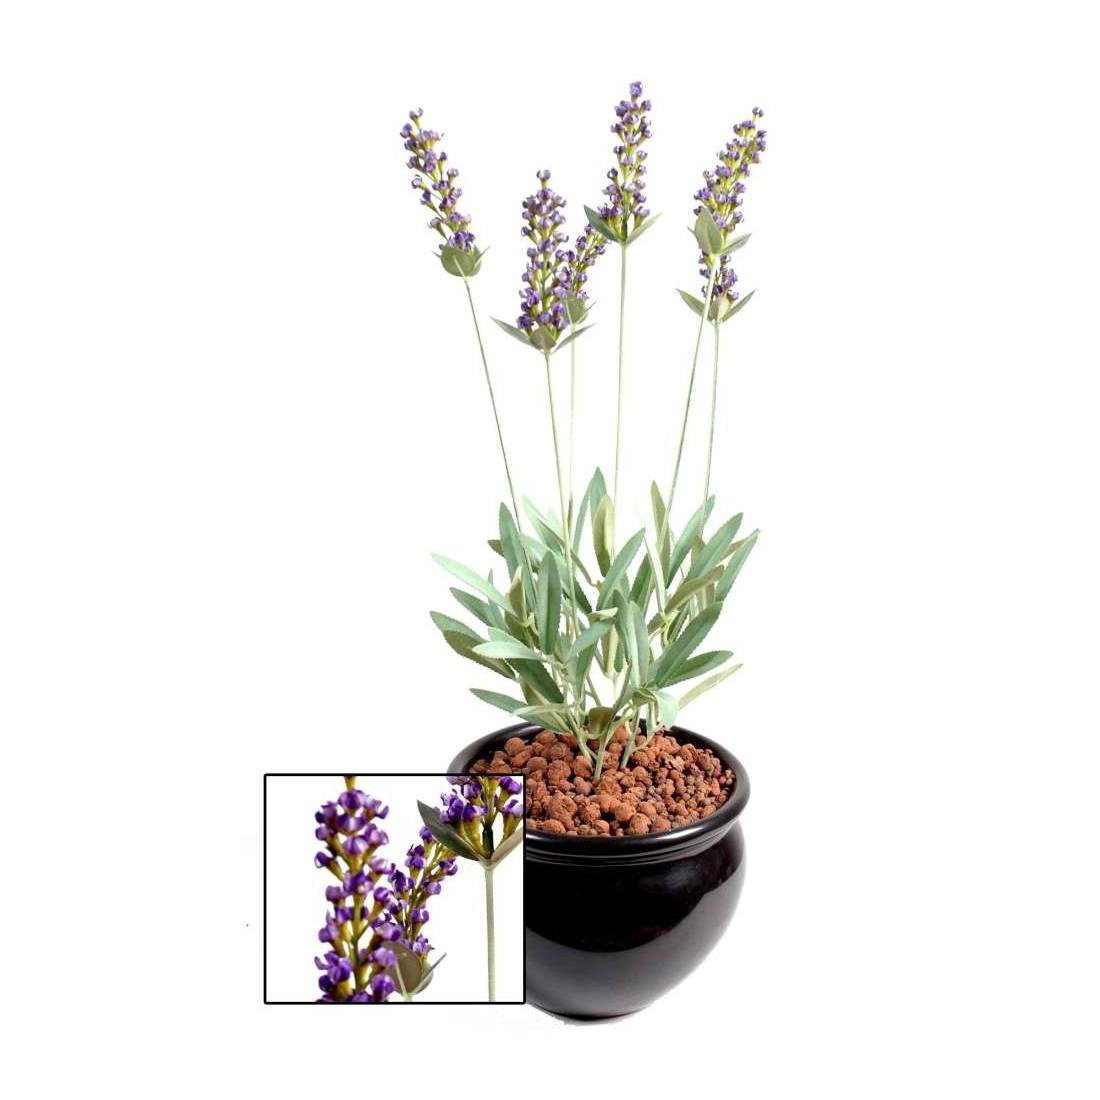 Lavande artificielle plante 52 cm piquets fleuris reflets for Plantes artificielles lyon